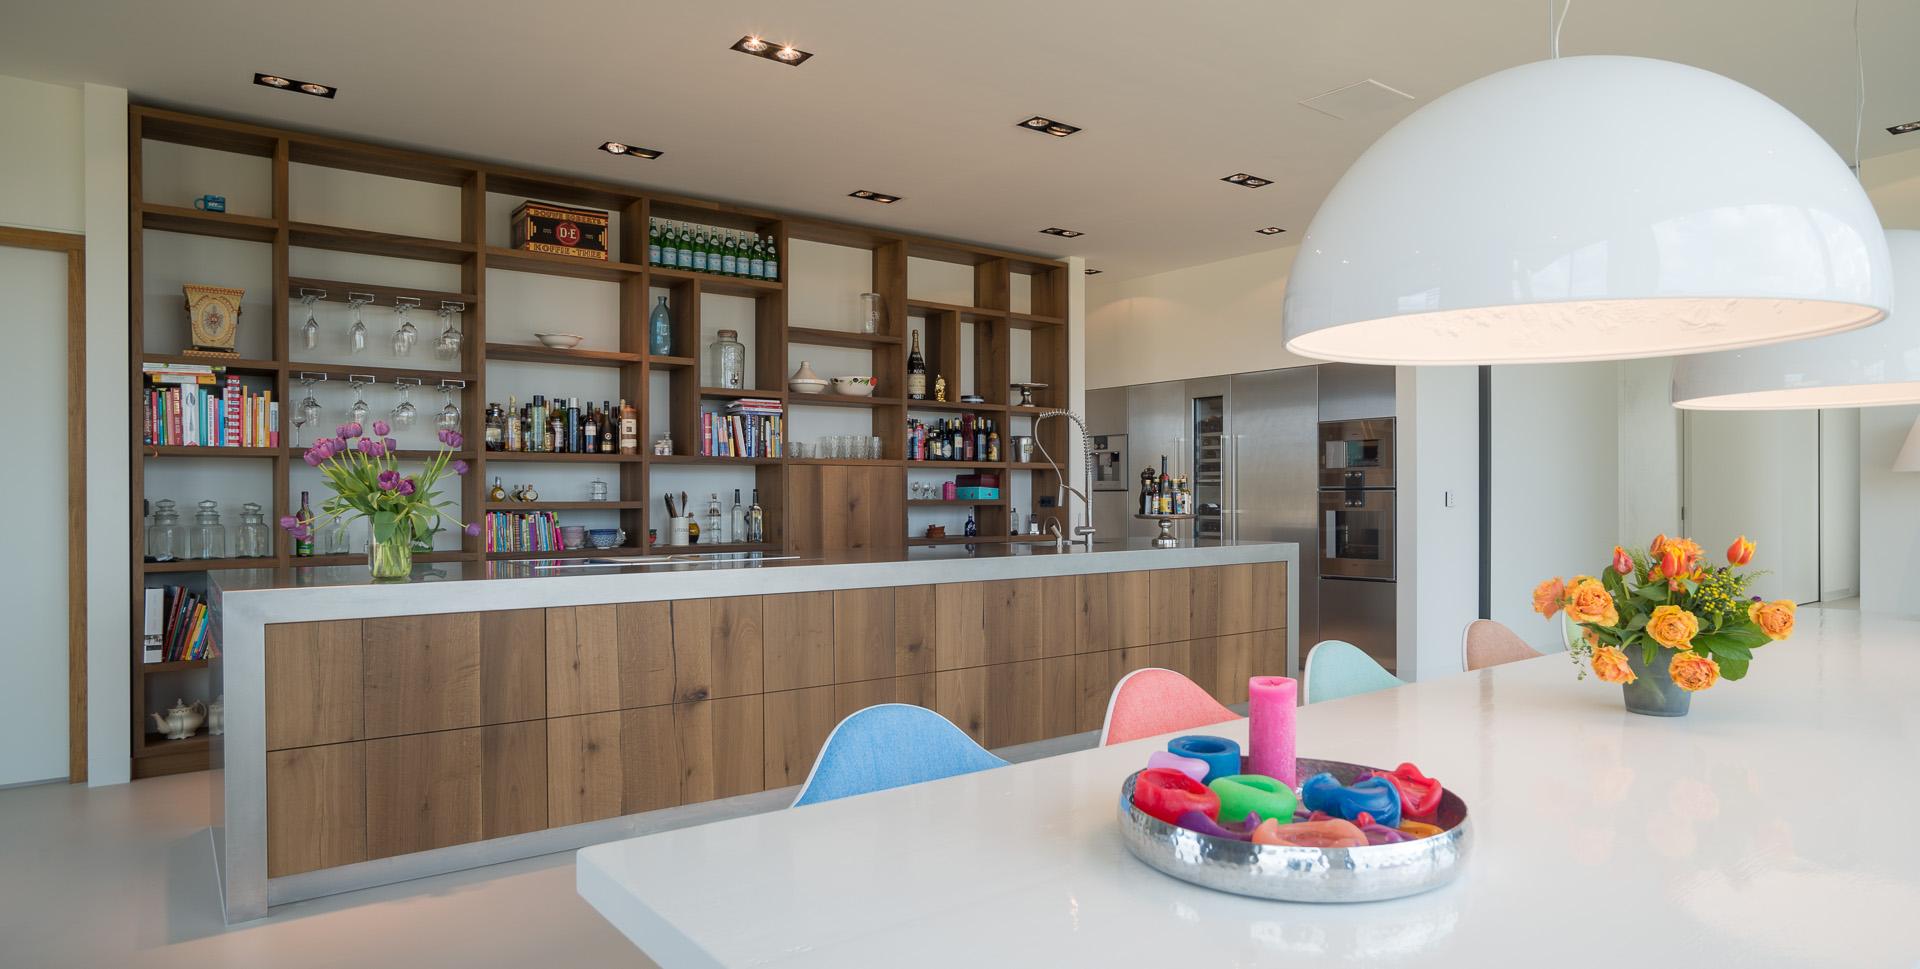 Achterwand Industrieel Keuken : Achterwand keuken horeca images keukenkasten rvs rvs